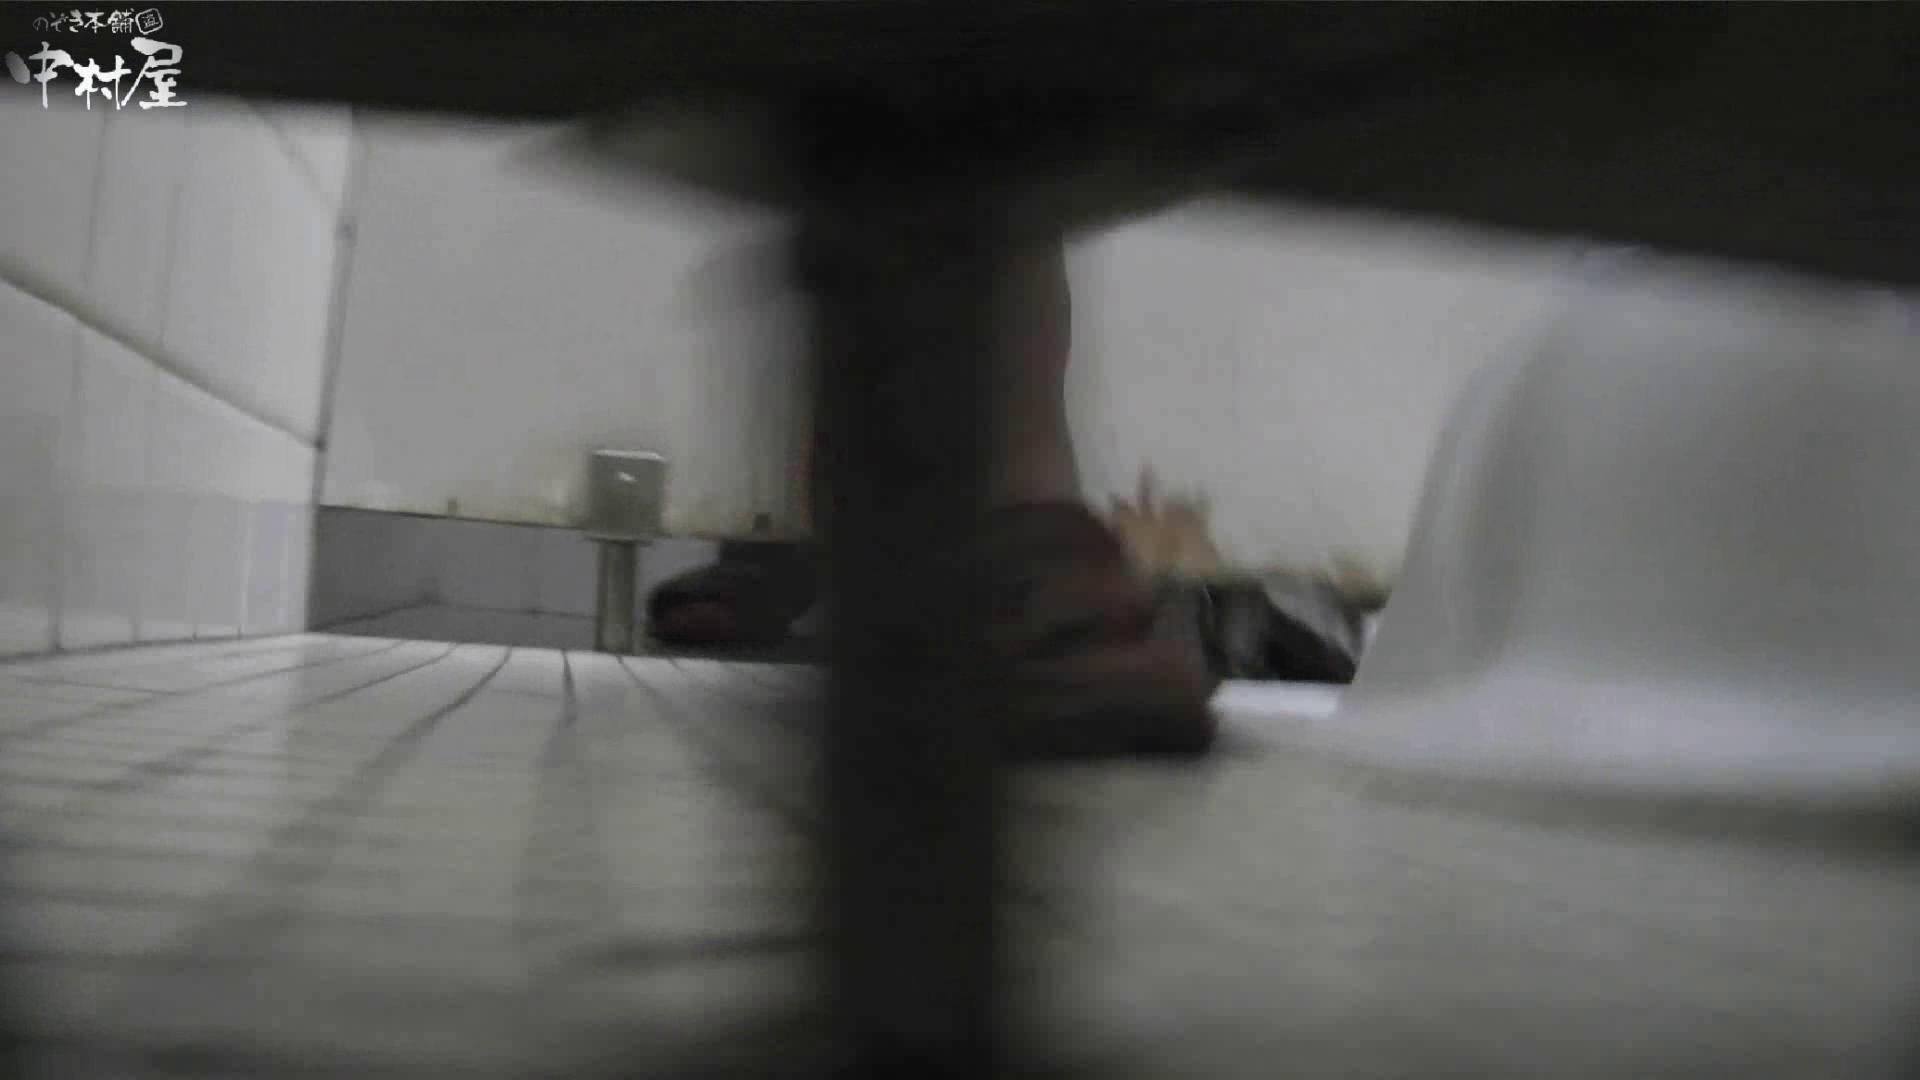 vol.07 命がけ潜伏洗面所! パンツの跡(ひも付き) プライベート エロ画像 76PIX 5